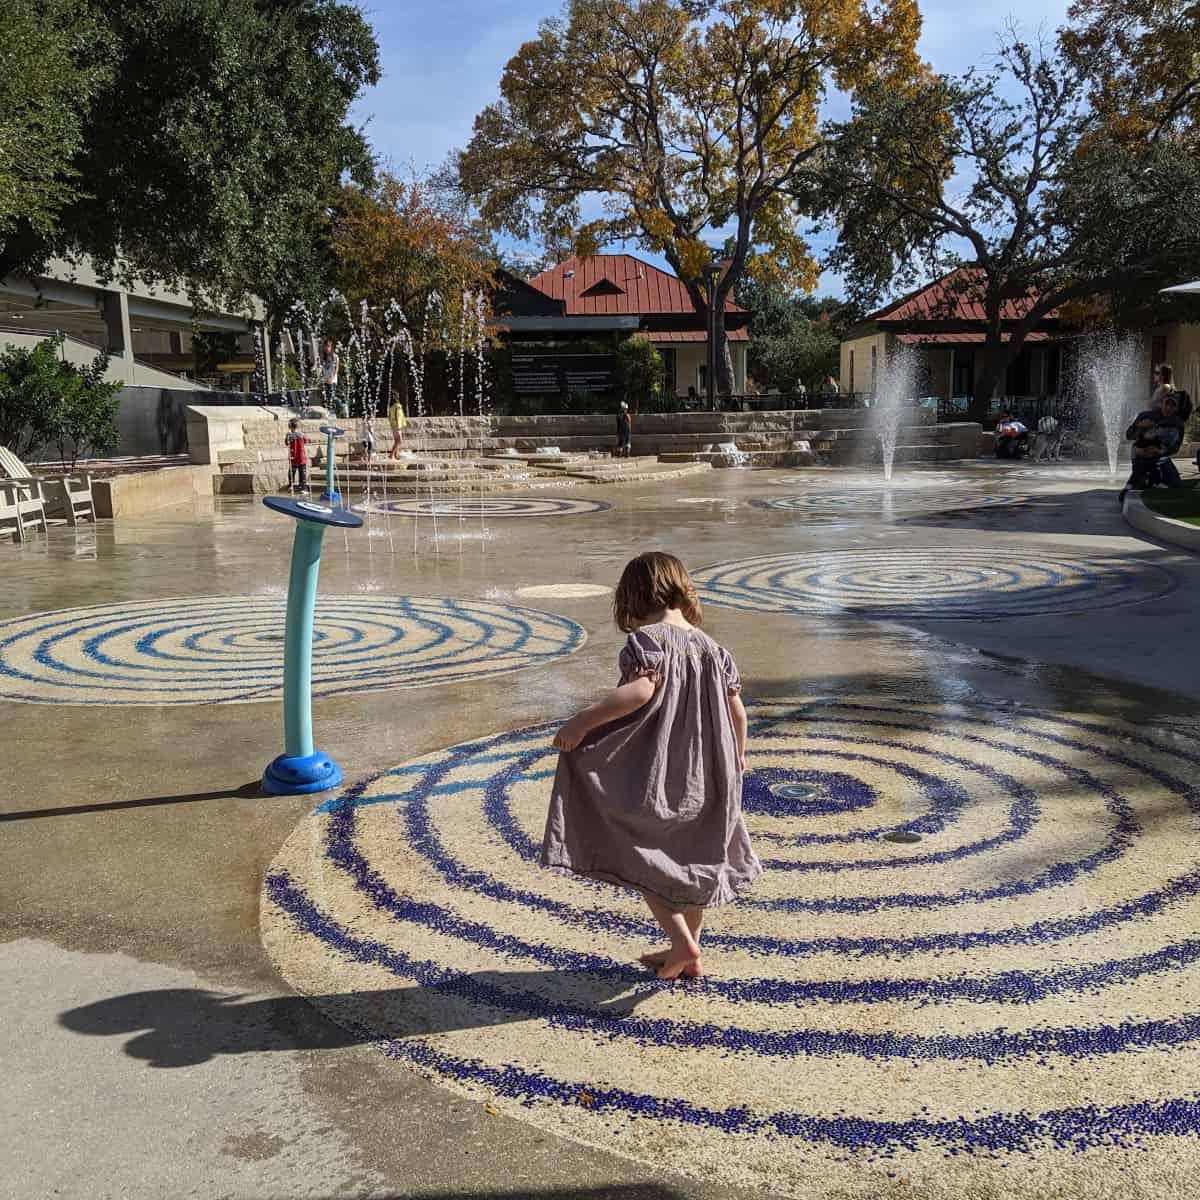 San Antonio Hemisfair Park Splashpad